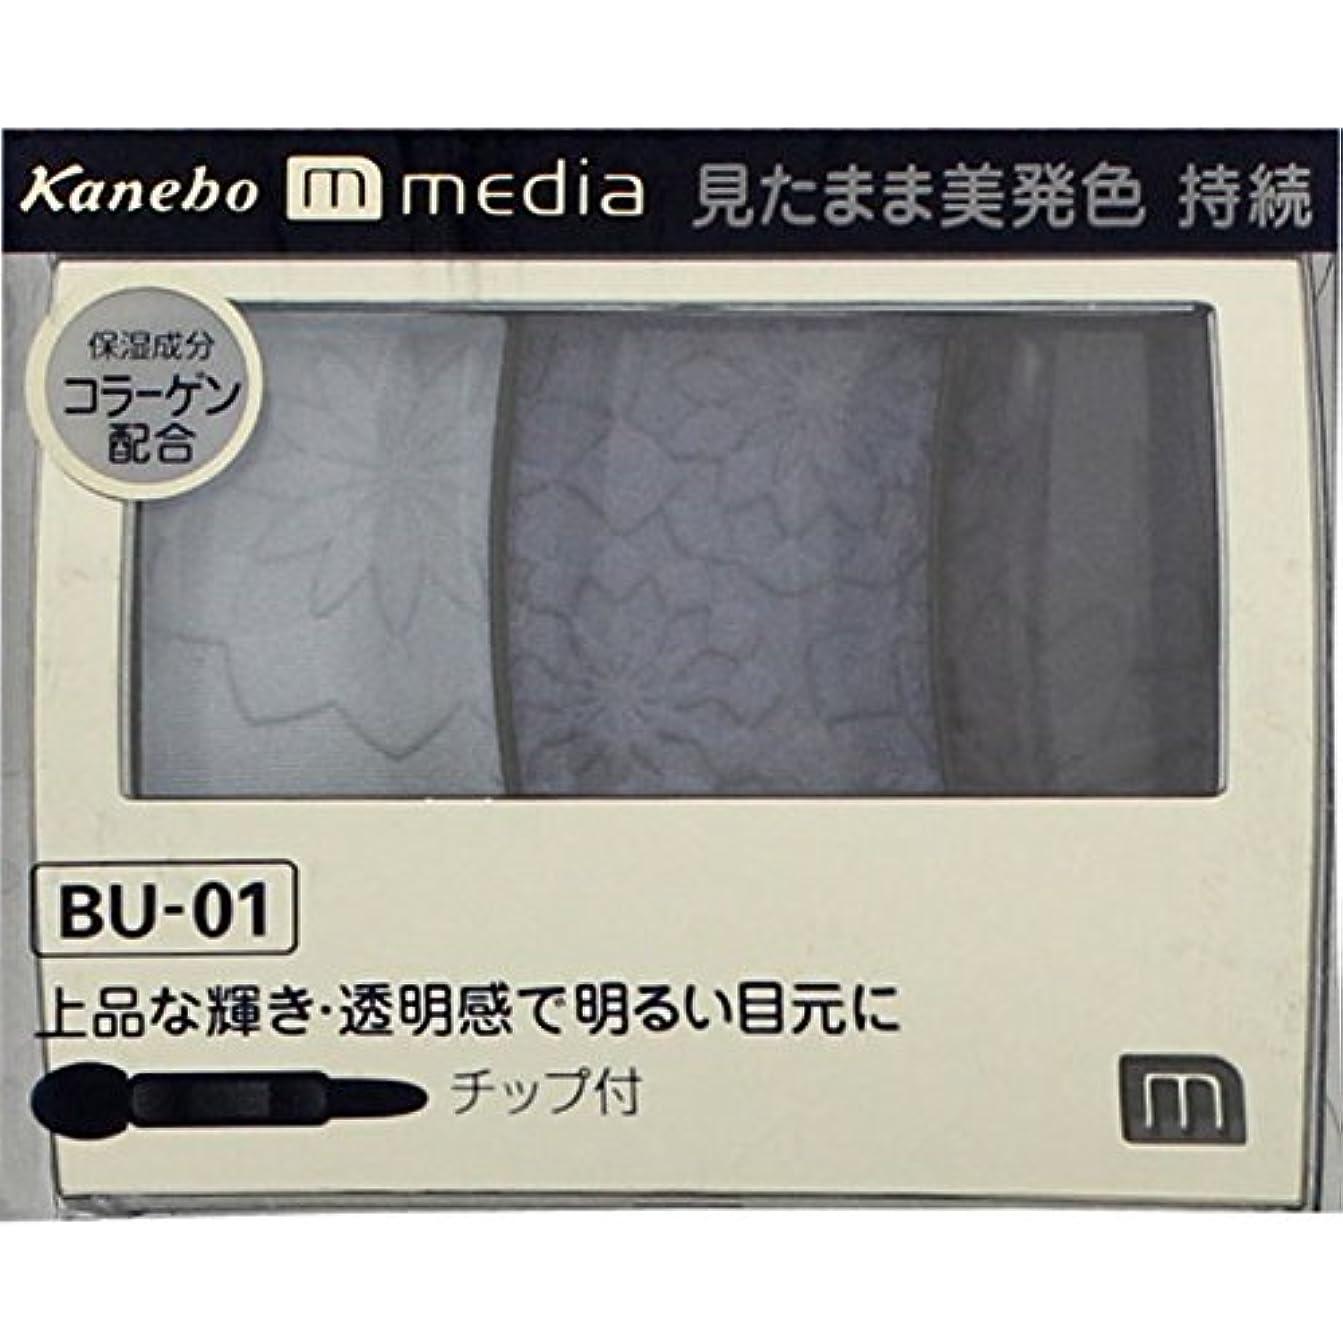 未来常習的ブロッサム【カネボウ】 メディア グラデカラーアイシャドウ BU-01